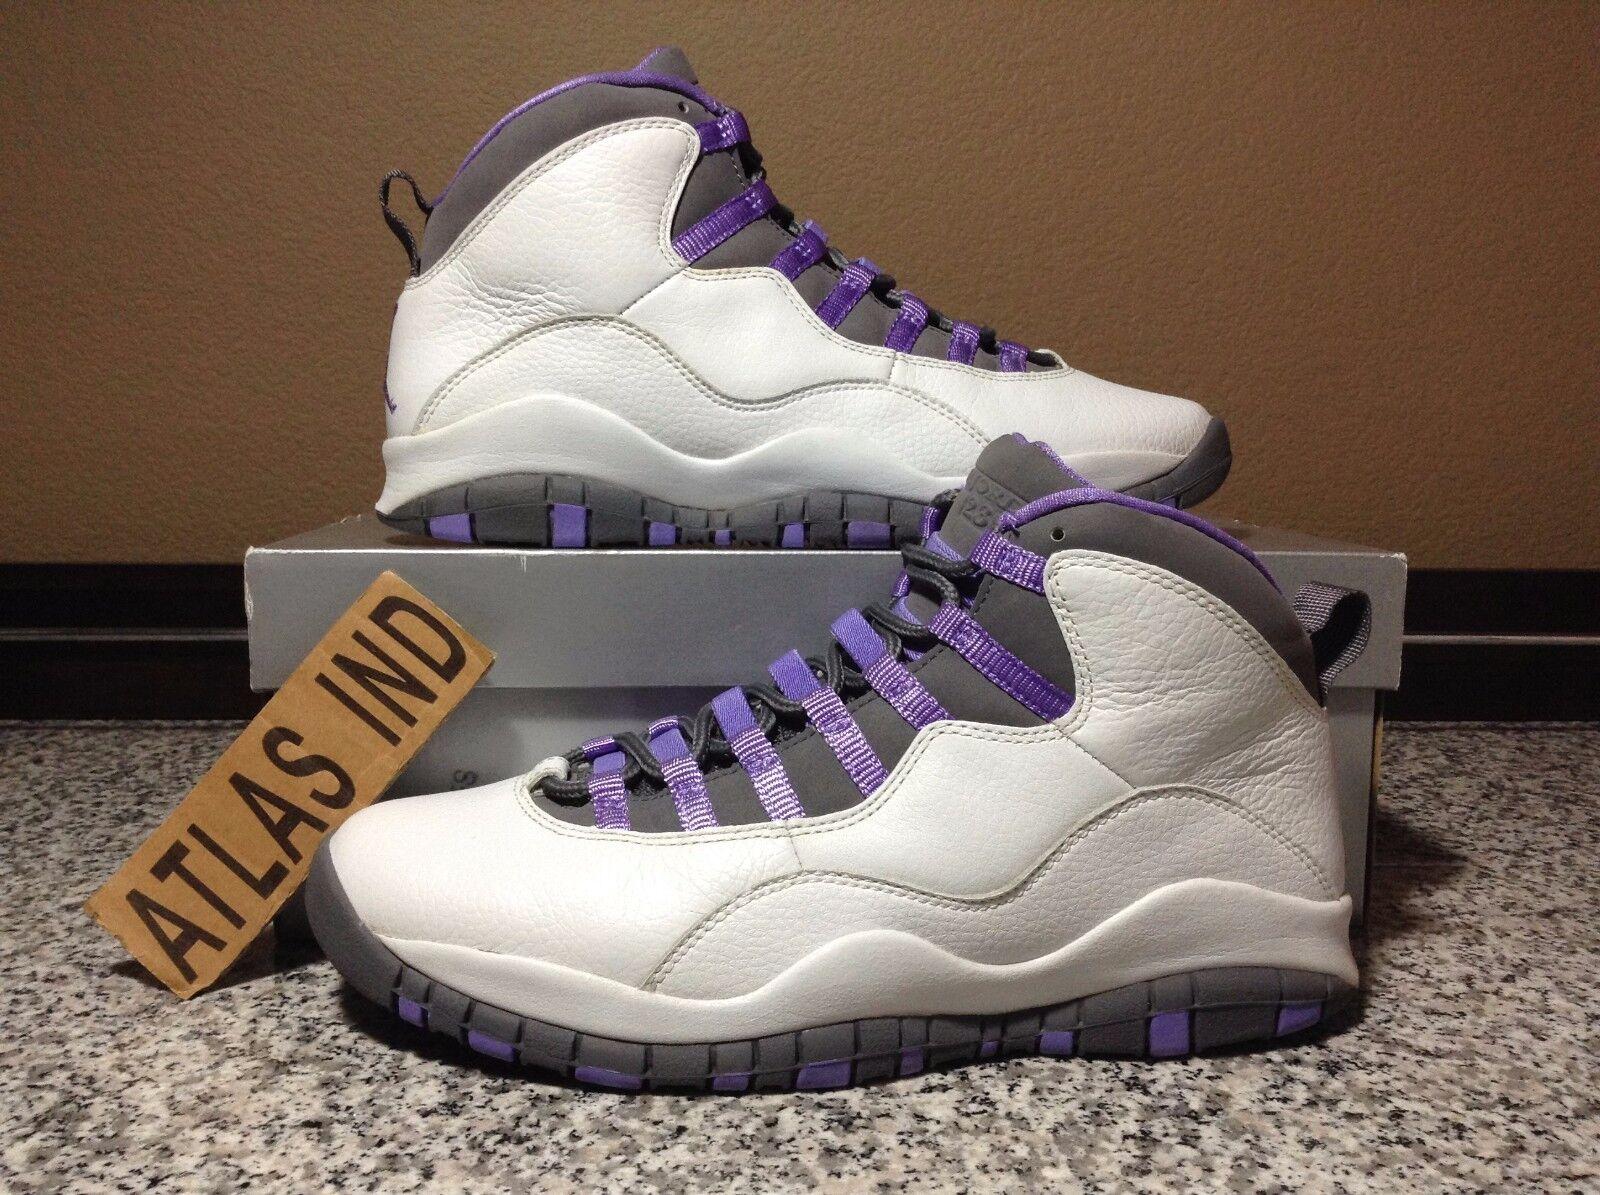 AIR JORDAN 10 RETRO Violet White Purple Nike X 1 3 4 5 6 7 11 12 OVO DB 2005 9.5